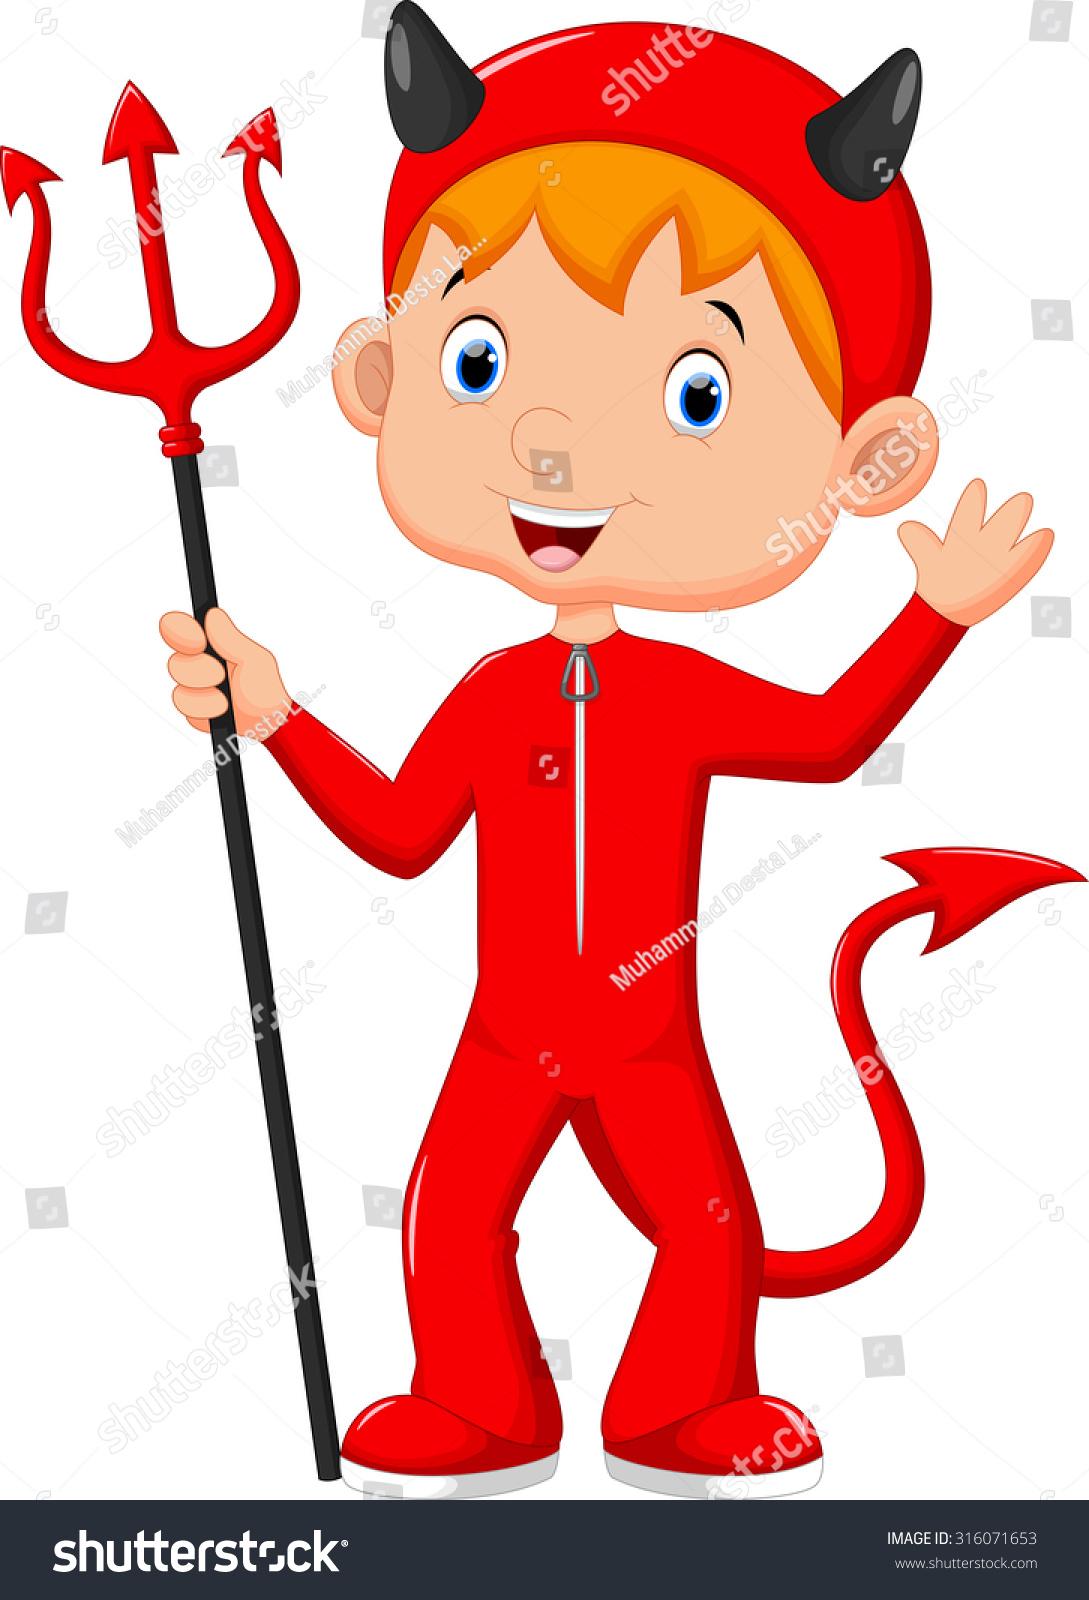 可爱的小男孩穿着一件红魔鬼服装-假期